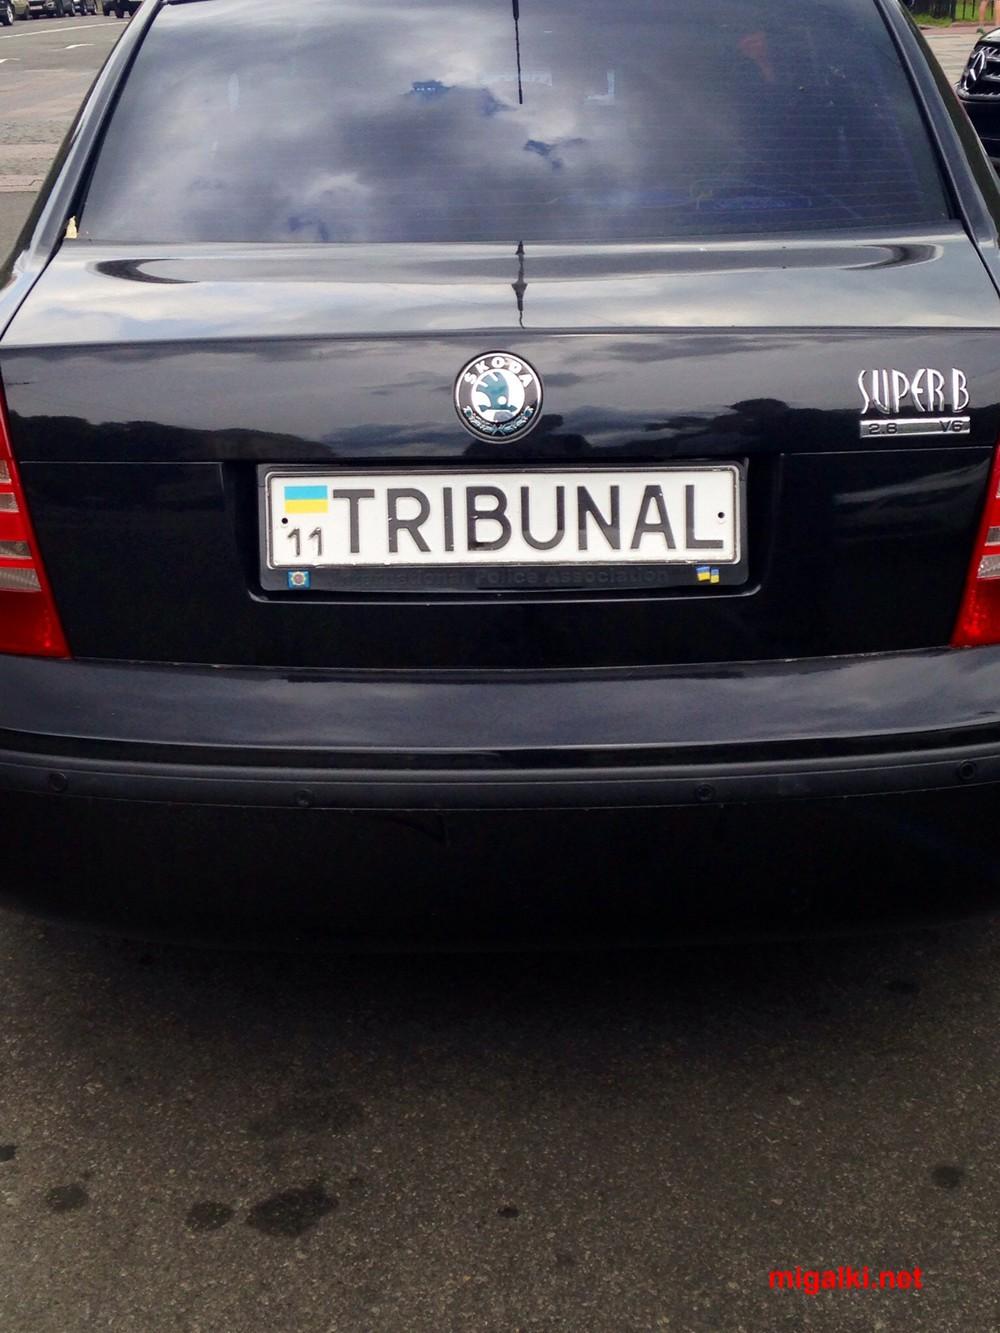 (11) TRIBUNAL